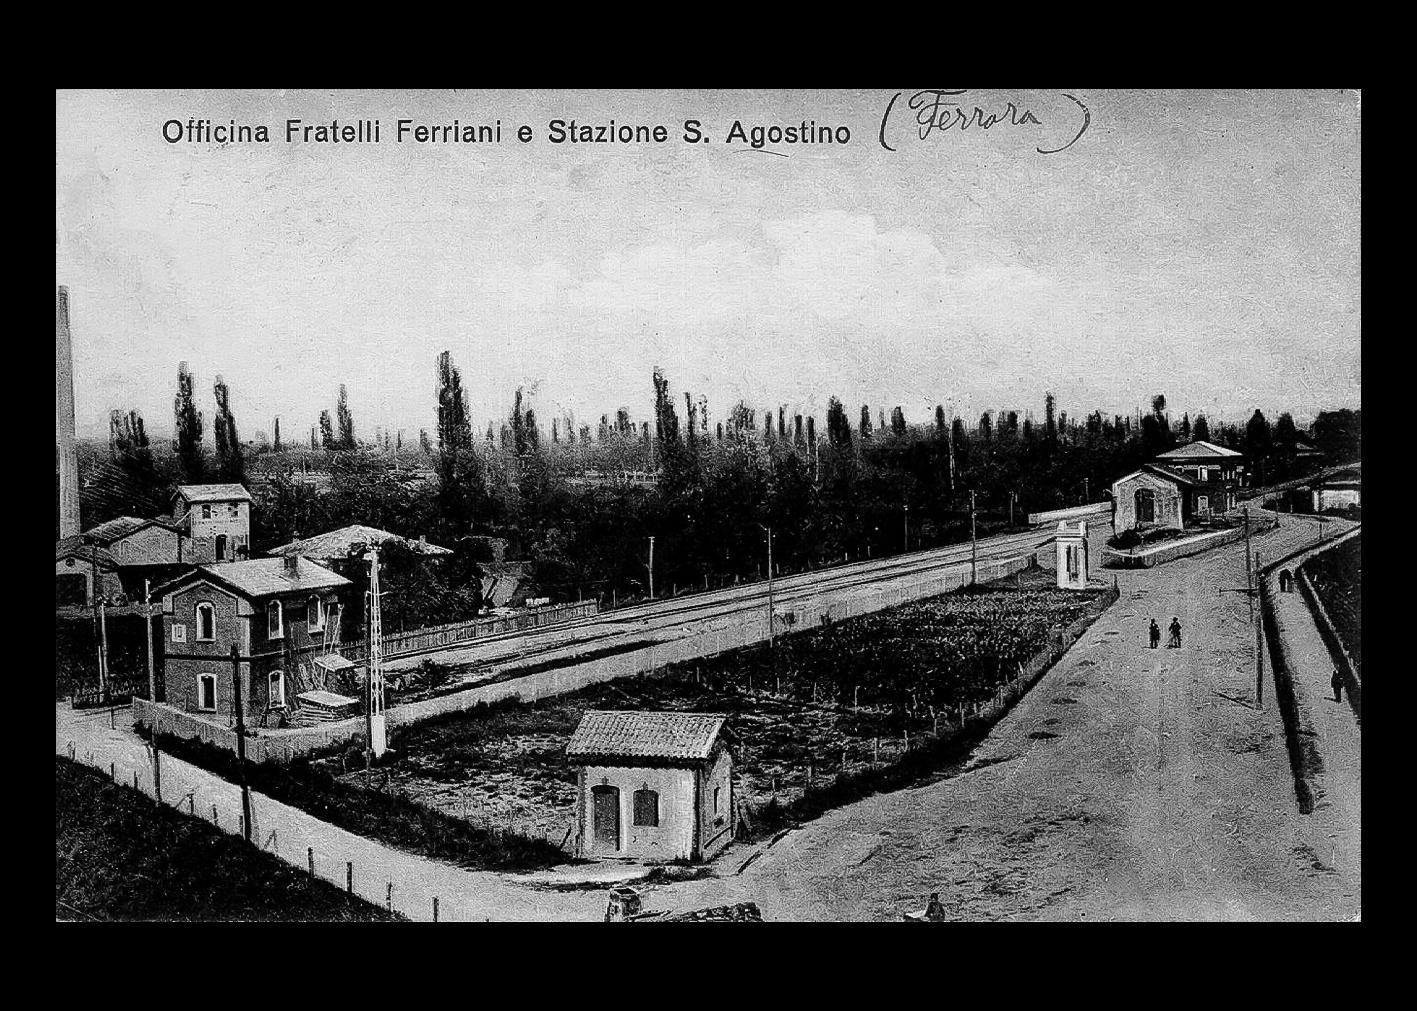 Panoramica officine Ferriani e stazione